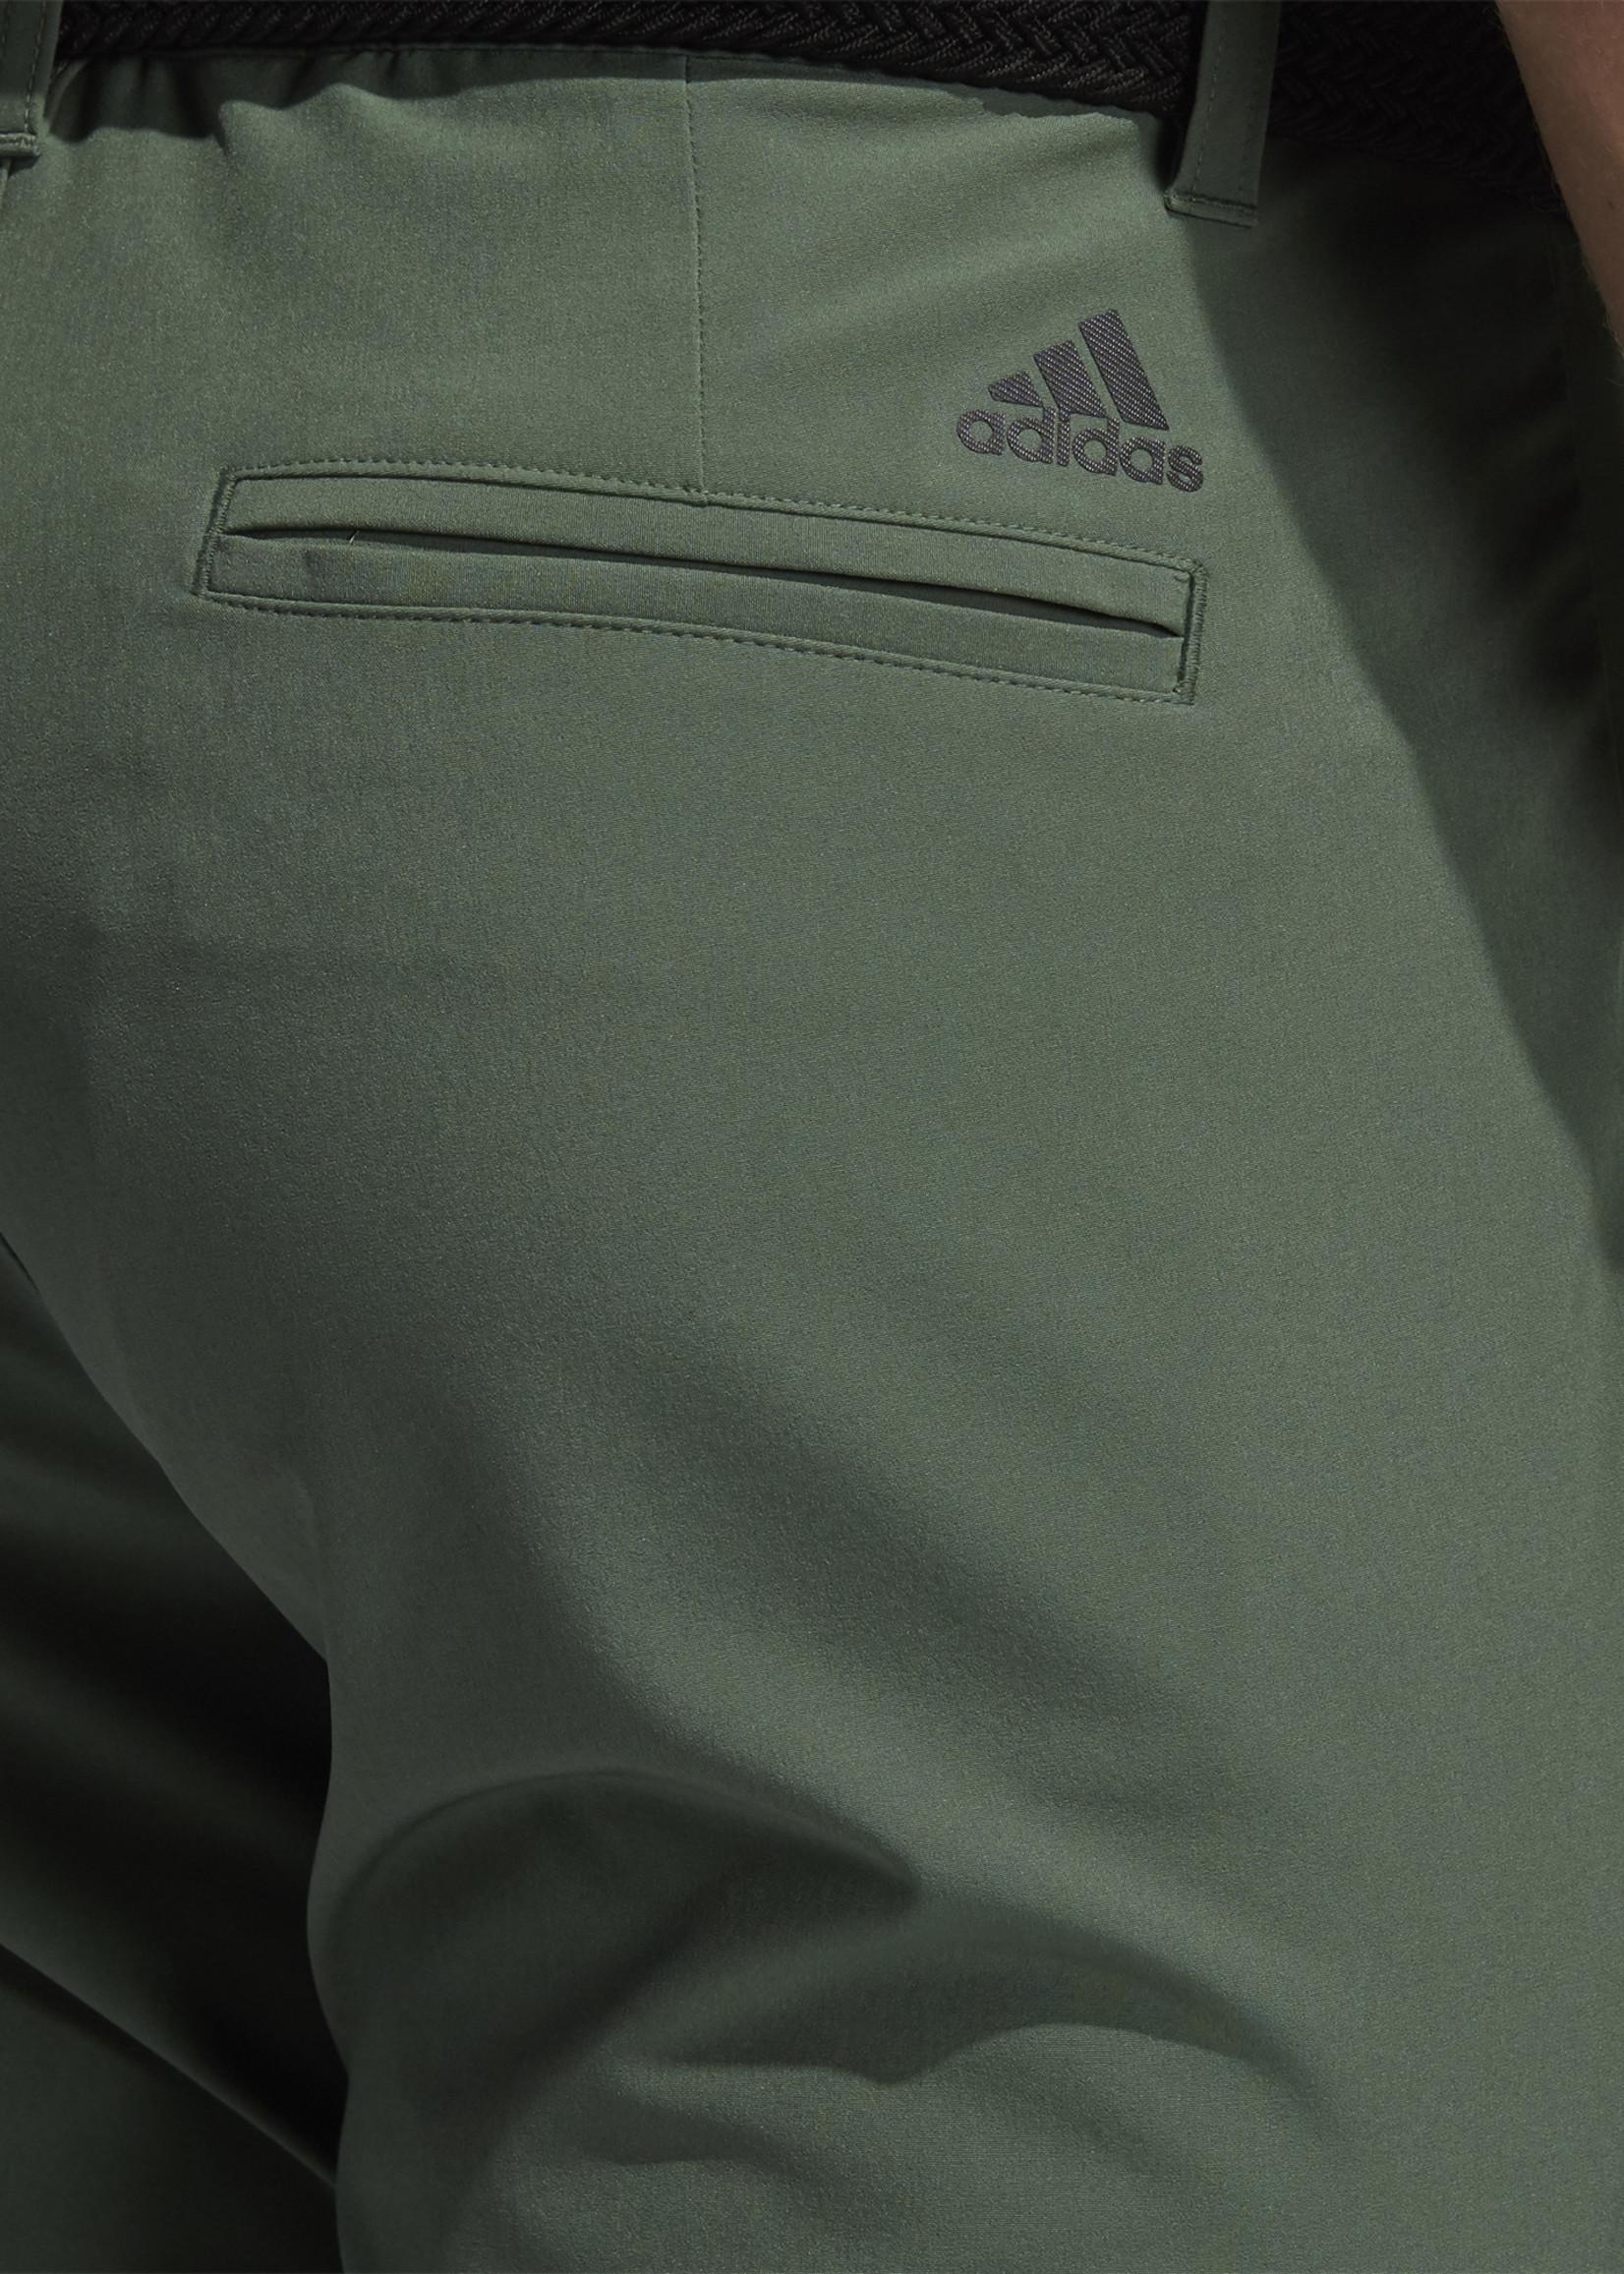 Adidas ULT PANT TPRD       GREOXI